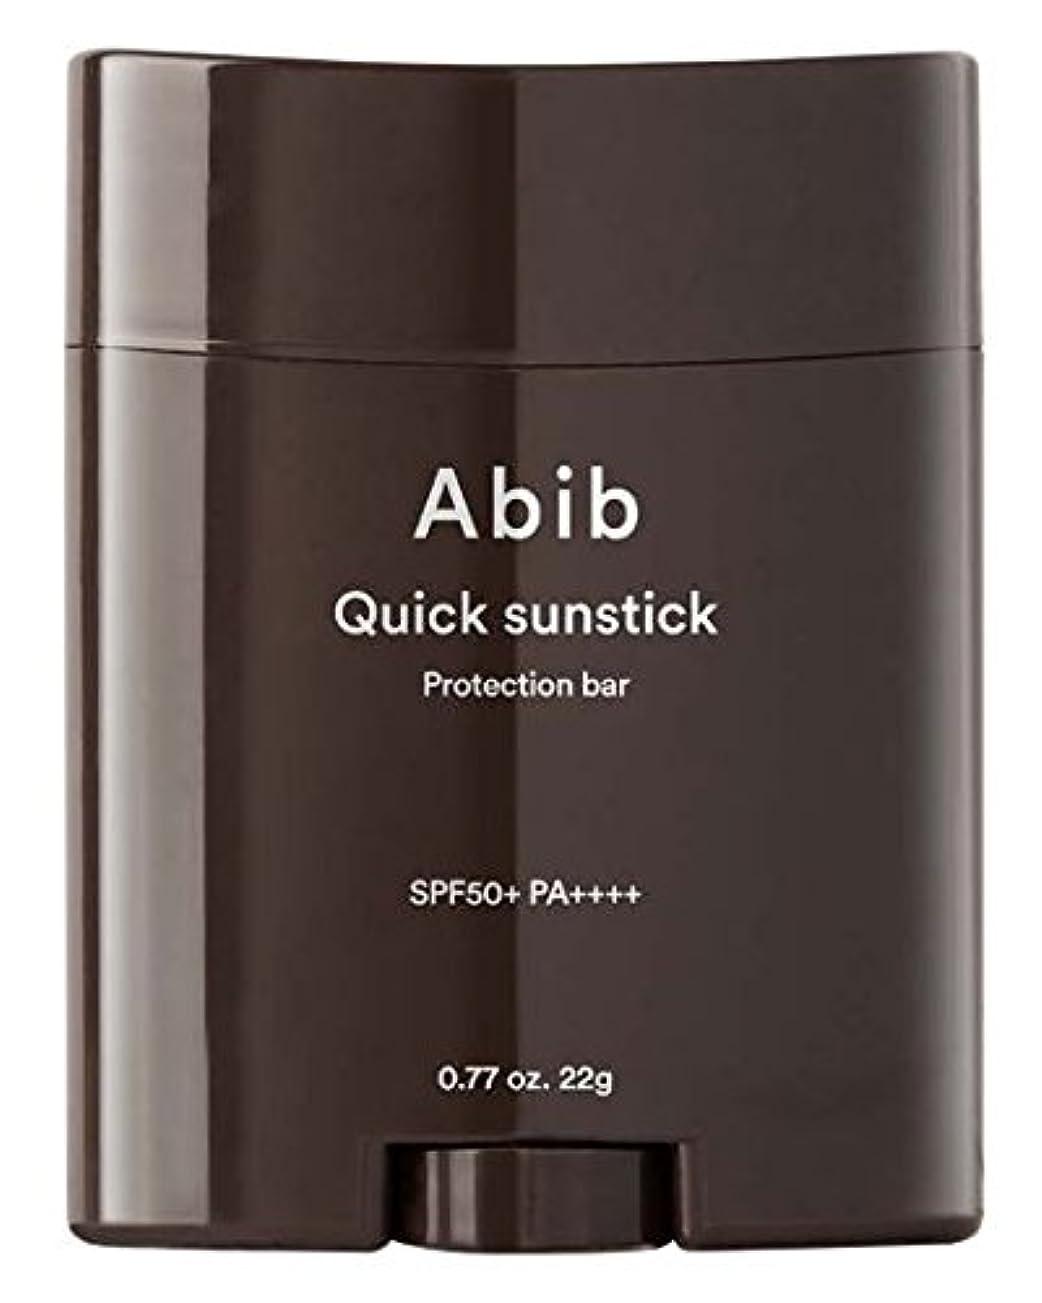 部分的にスティーブンソンバレーボール[Abib] QUICK SUNSTICK PROTECTION BAR 22g SPF50+PA++++/[アビブ]クイックサンスティックプロテクションバー 22g SPF50+PA++++ [並行輸入品]